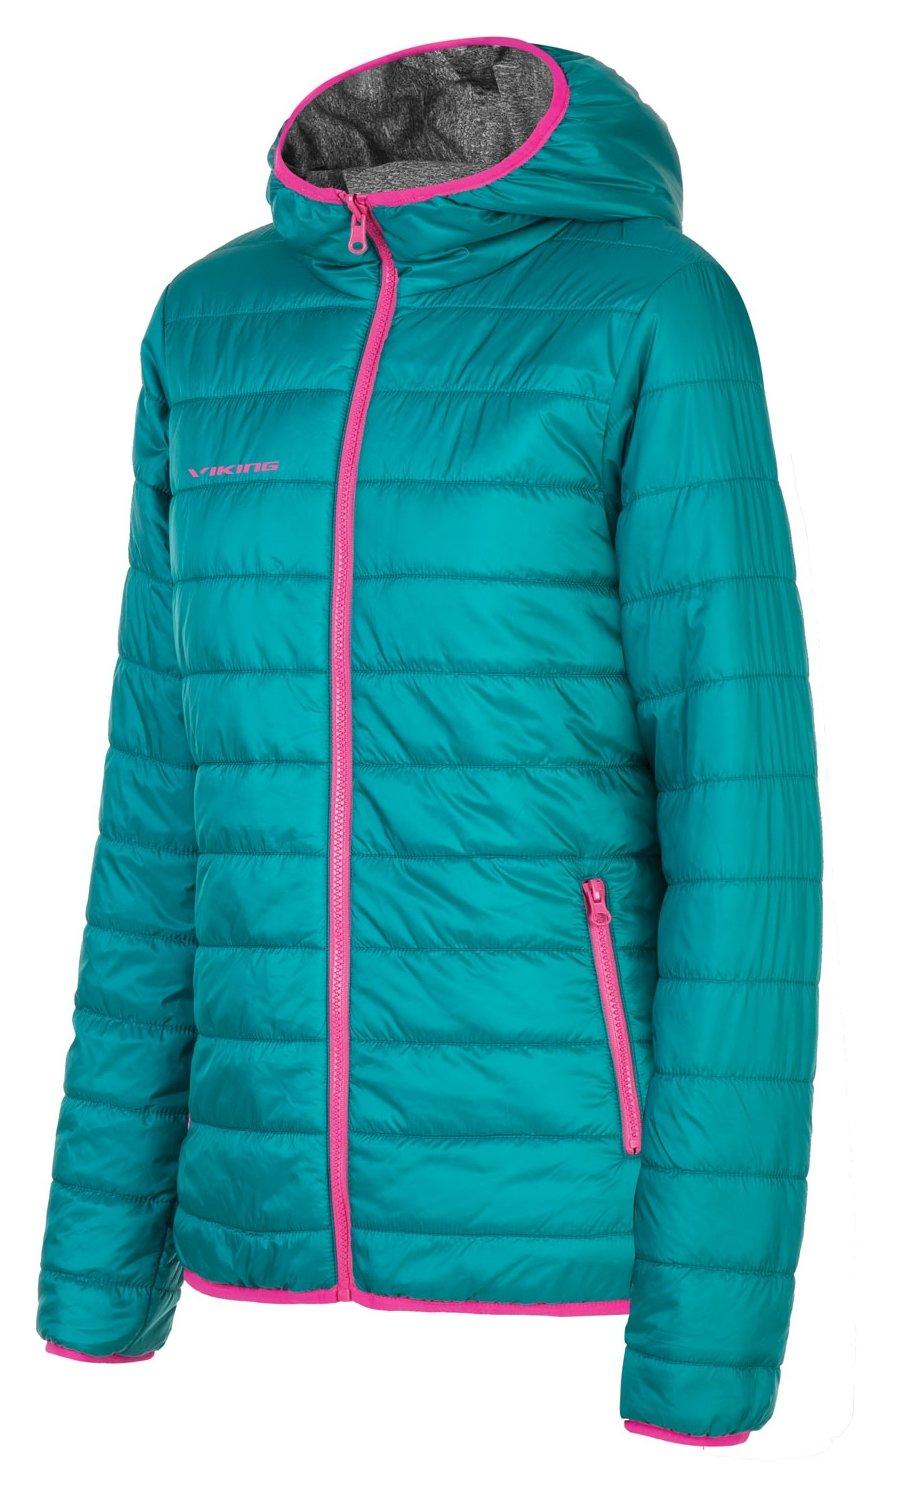 viking Outdoorjacke Wendejacke Damen mit Kapuze und Primaloft - zweiseitig - extra warm und atmungsaktiv - Cameron